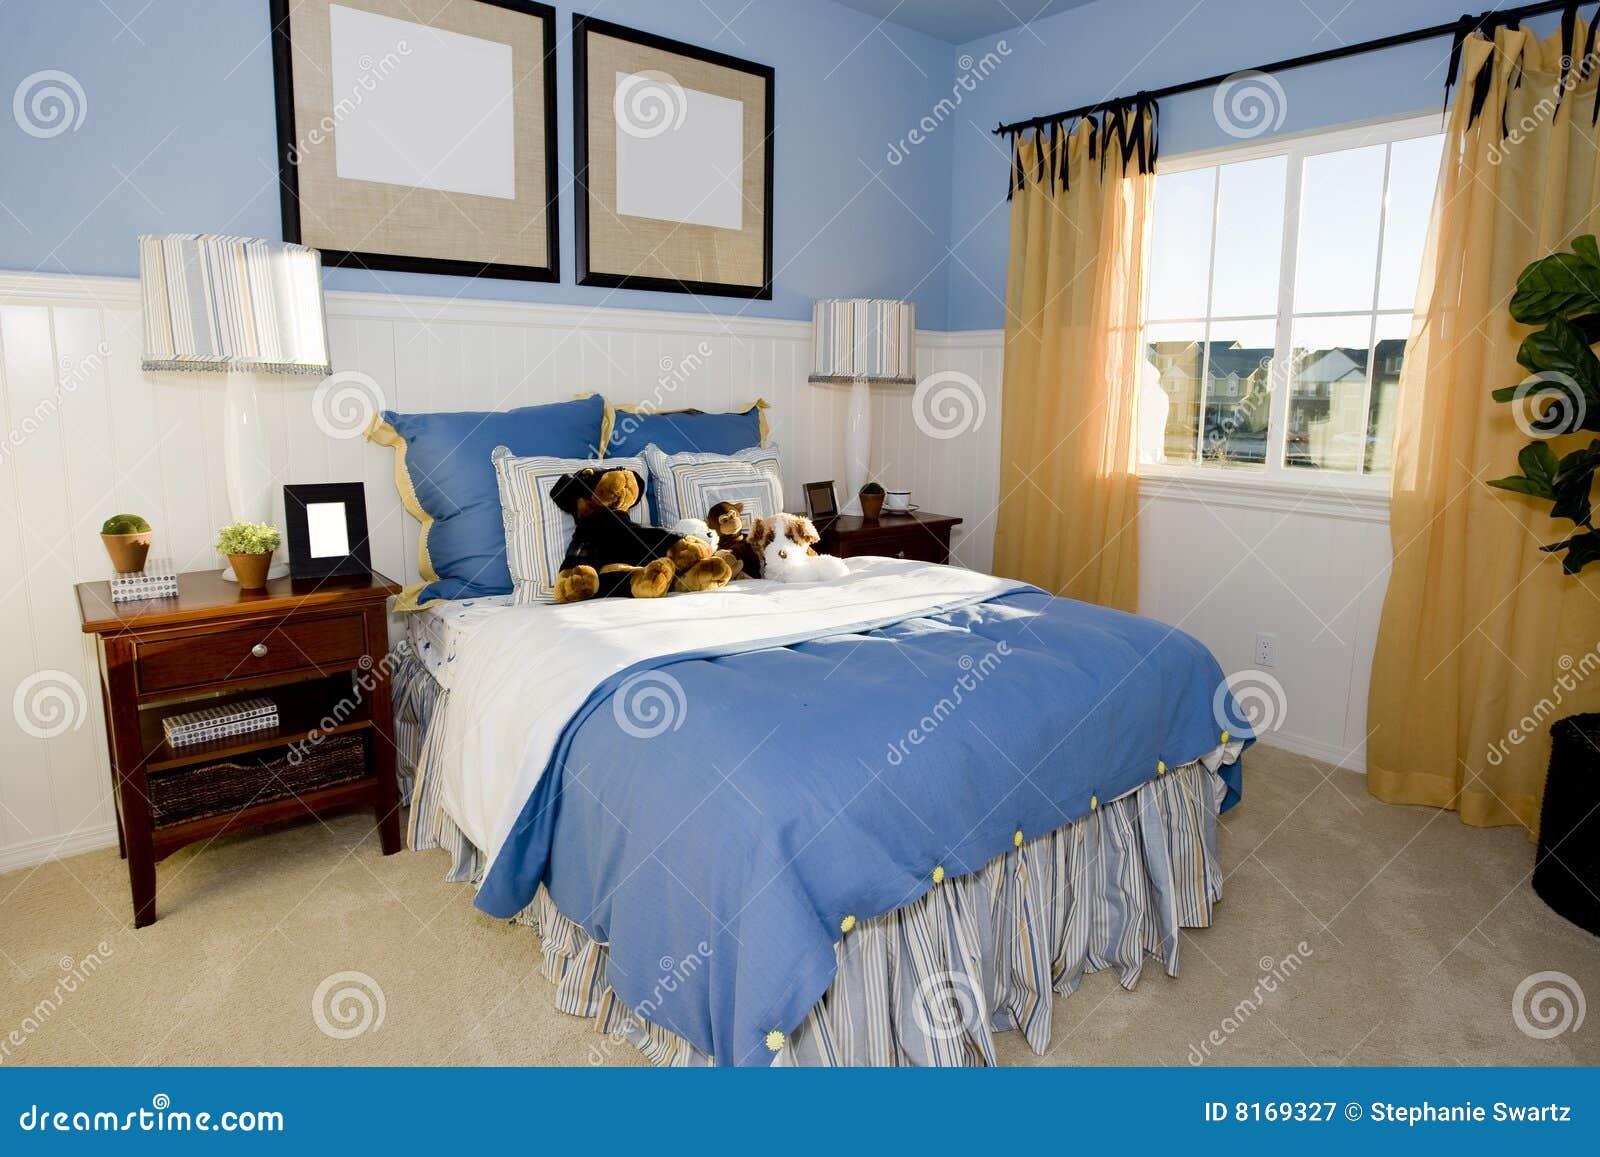 Ragazza s della camera da letto immagine stock immagine - Donne in camera da letto ...